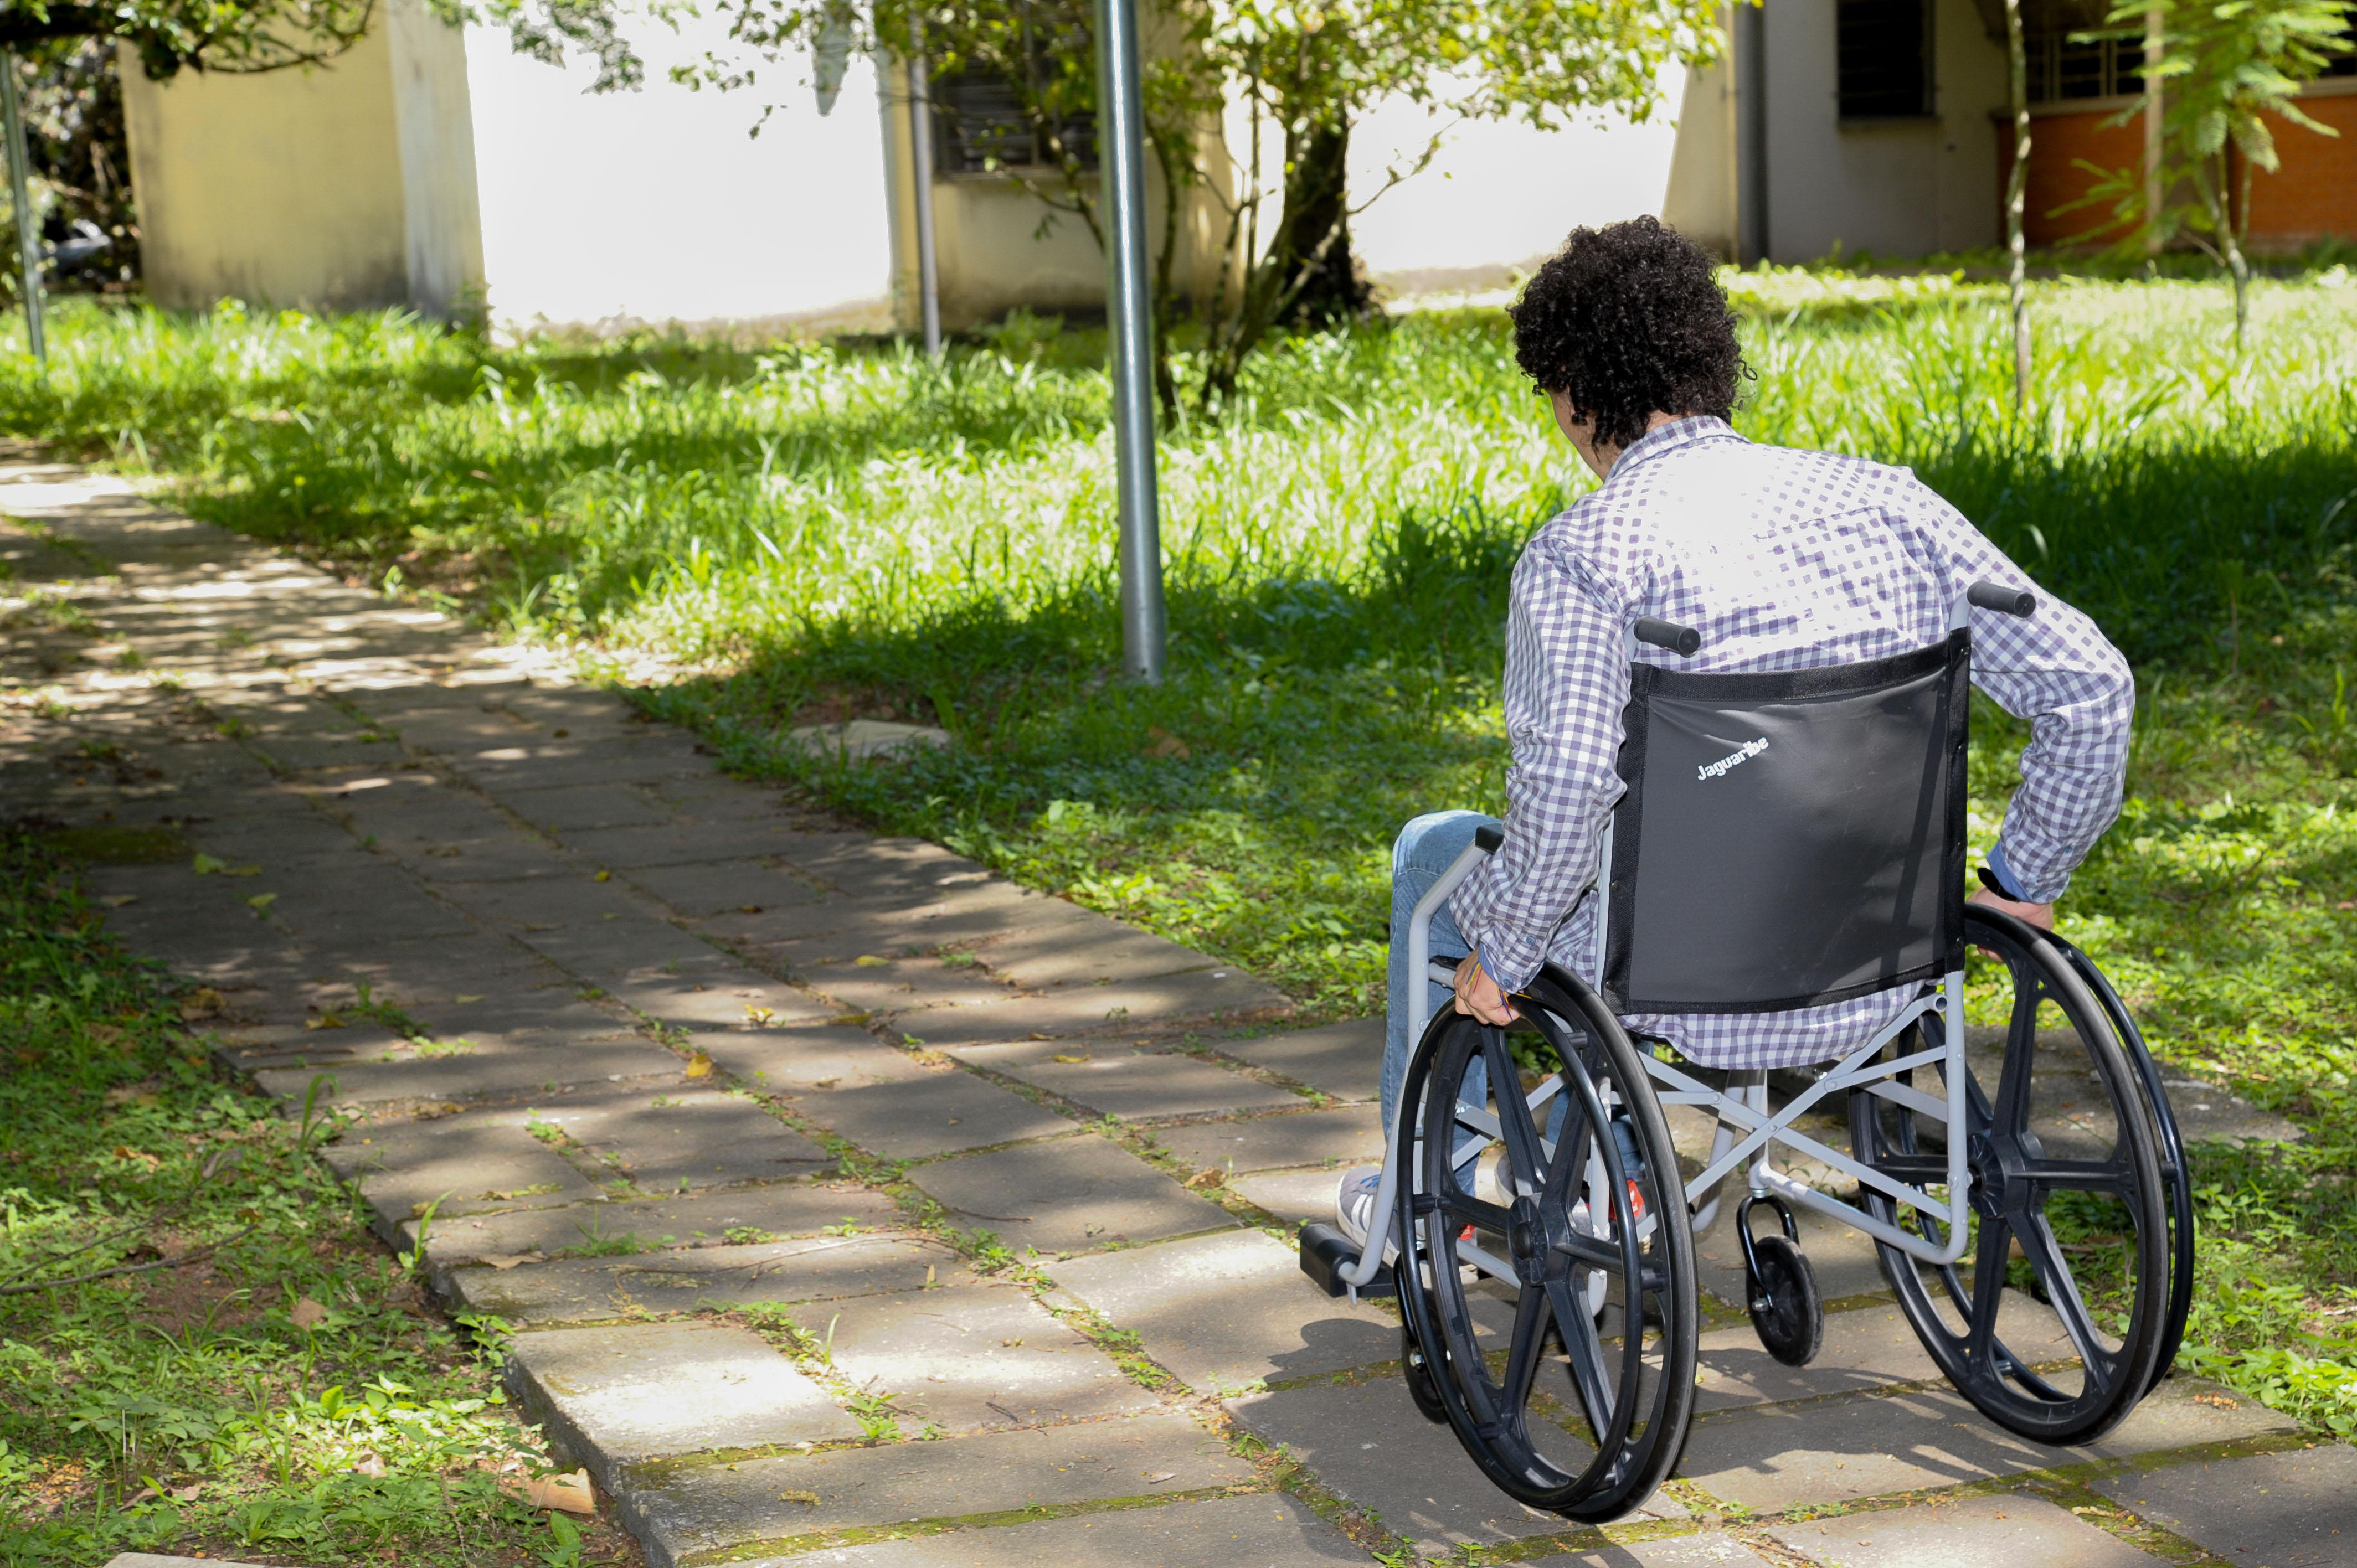 Usuário de cadeira de rodas: instituições de ensino têm o dever de eliminar obstáculos logísticos que impeçam a livre circulação dos alunos e sua autonomia. Crédito: Cecilia Bastos/USP Imagens.